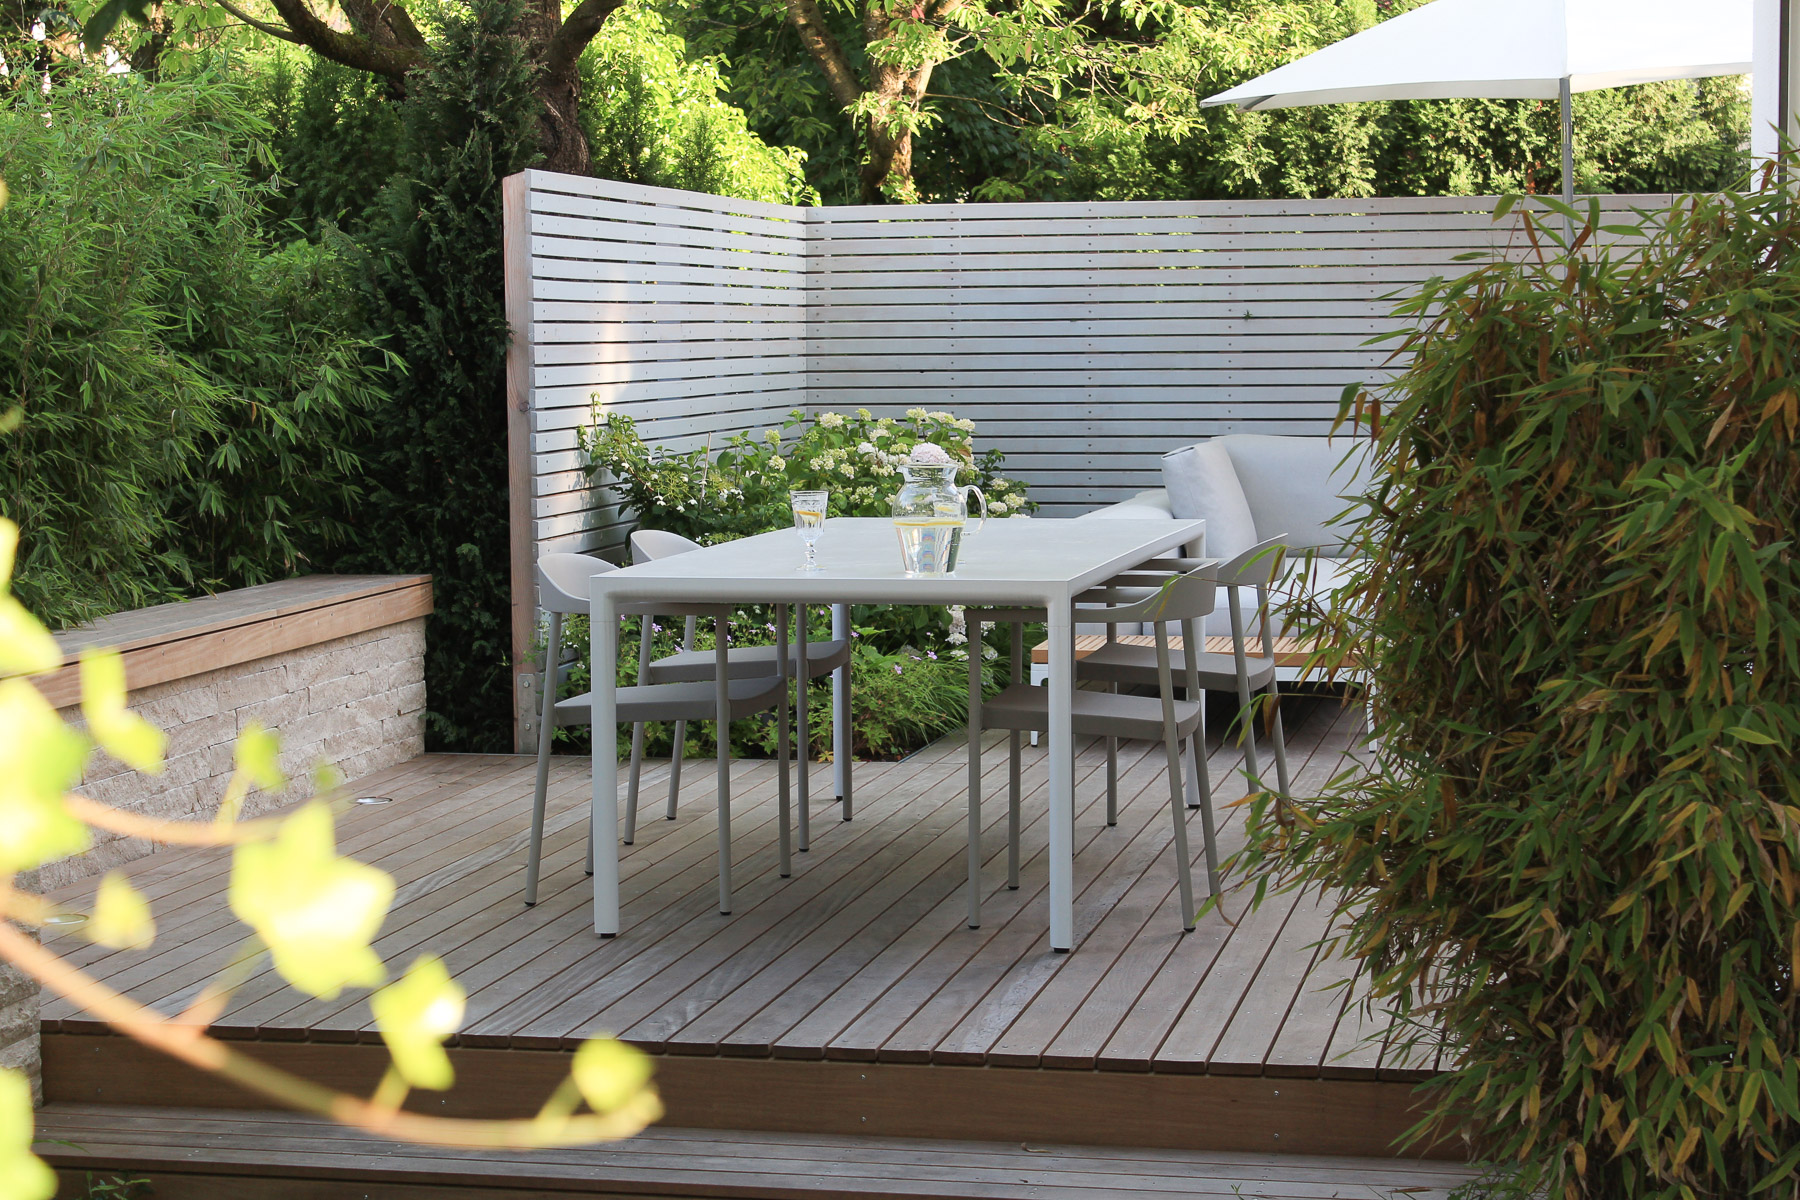 Blick in die Gartenoase mit heller Sichtschutzwand